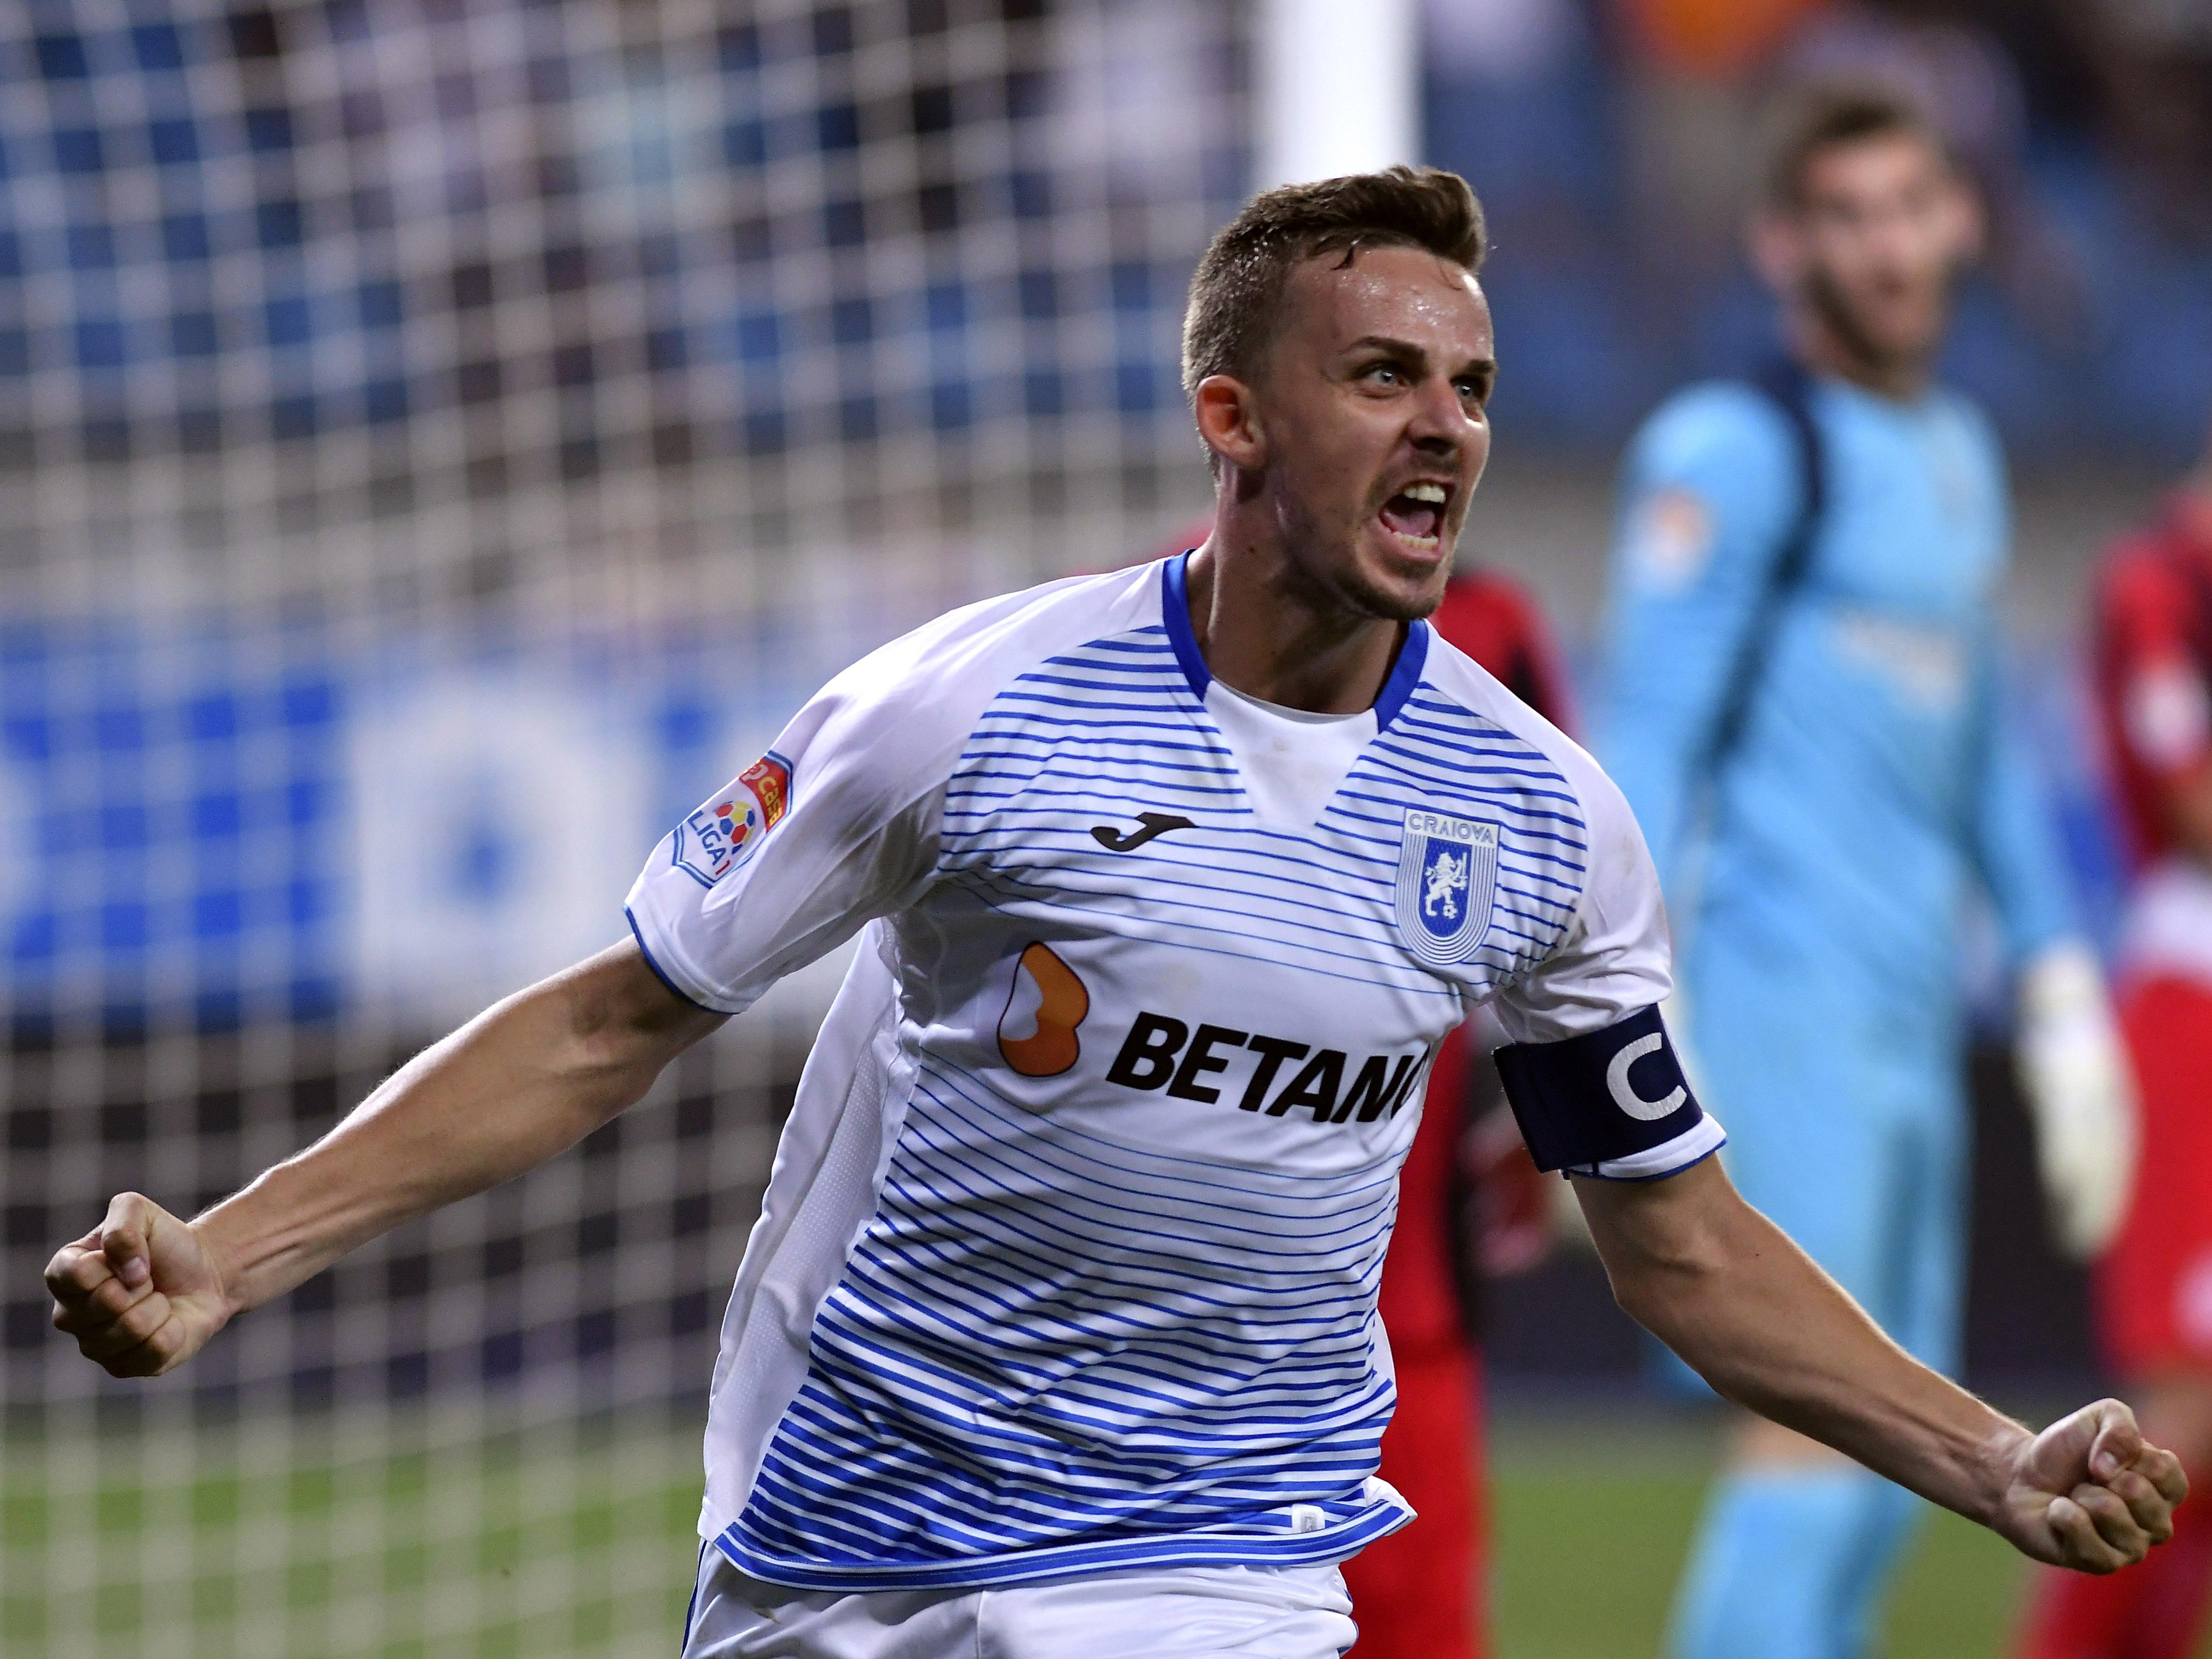 Nicușor Bancu se bucură după un gol înscris în meciul Universitatea Craiova - Astra. Sursă foto: sportpictures.eu